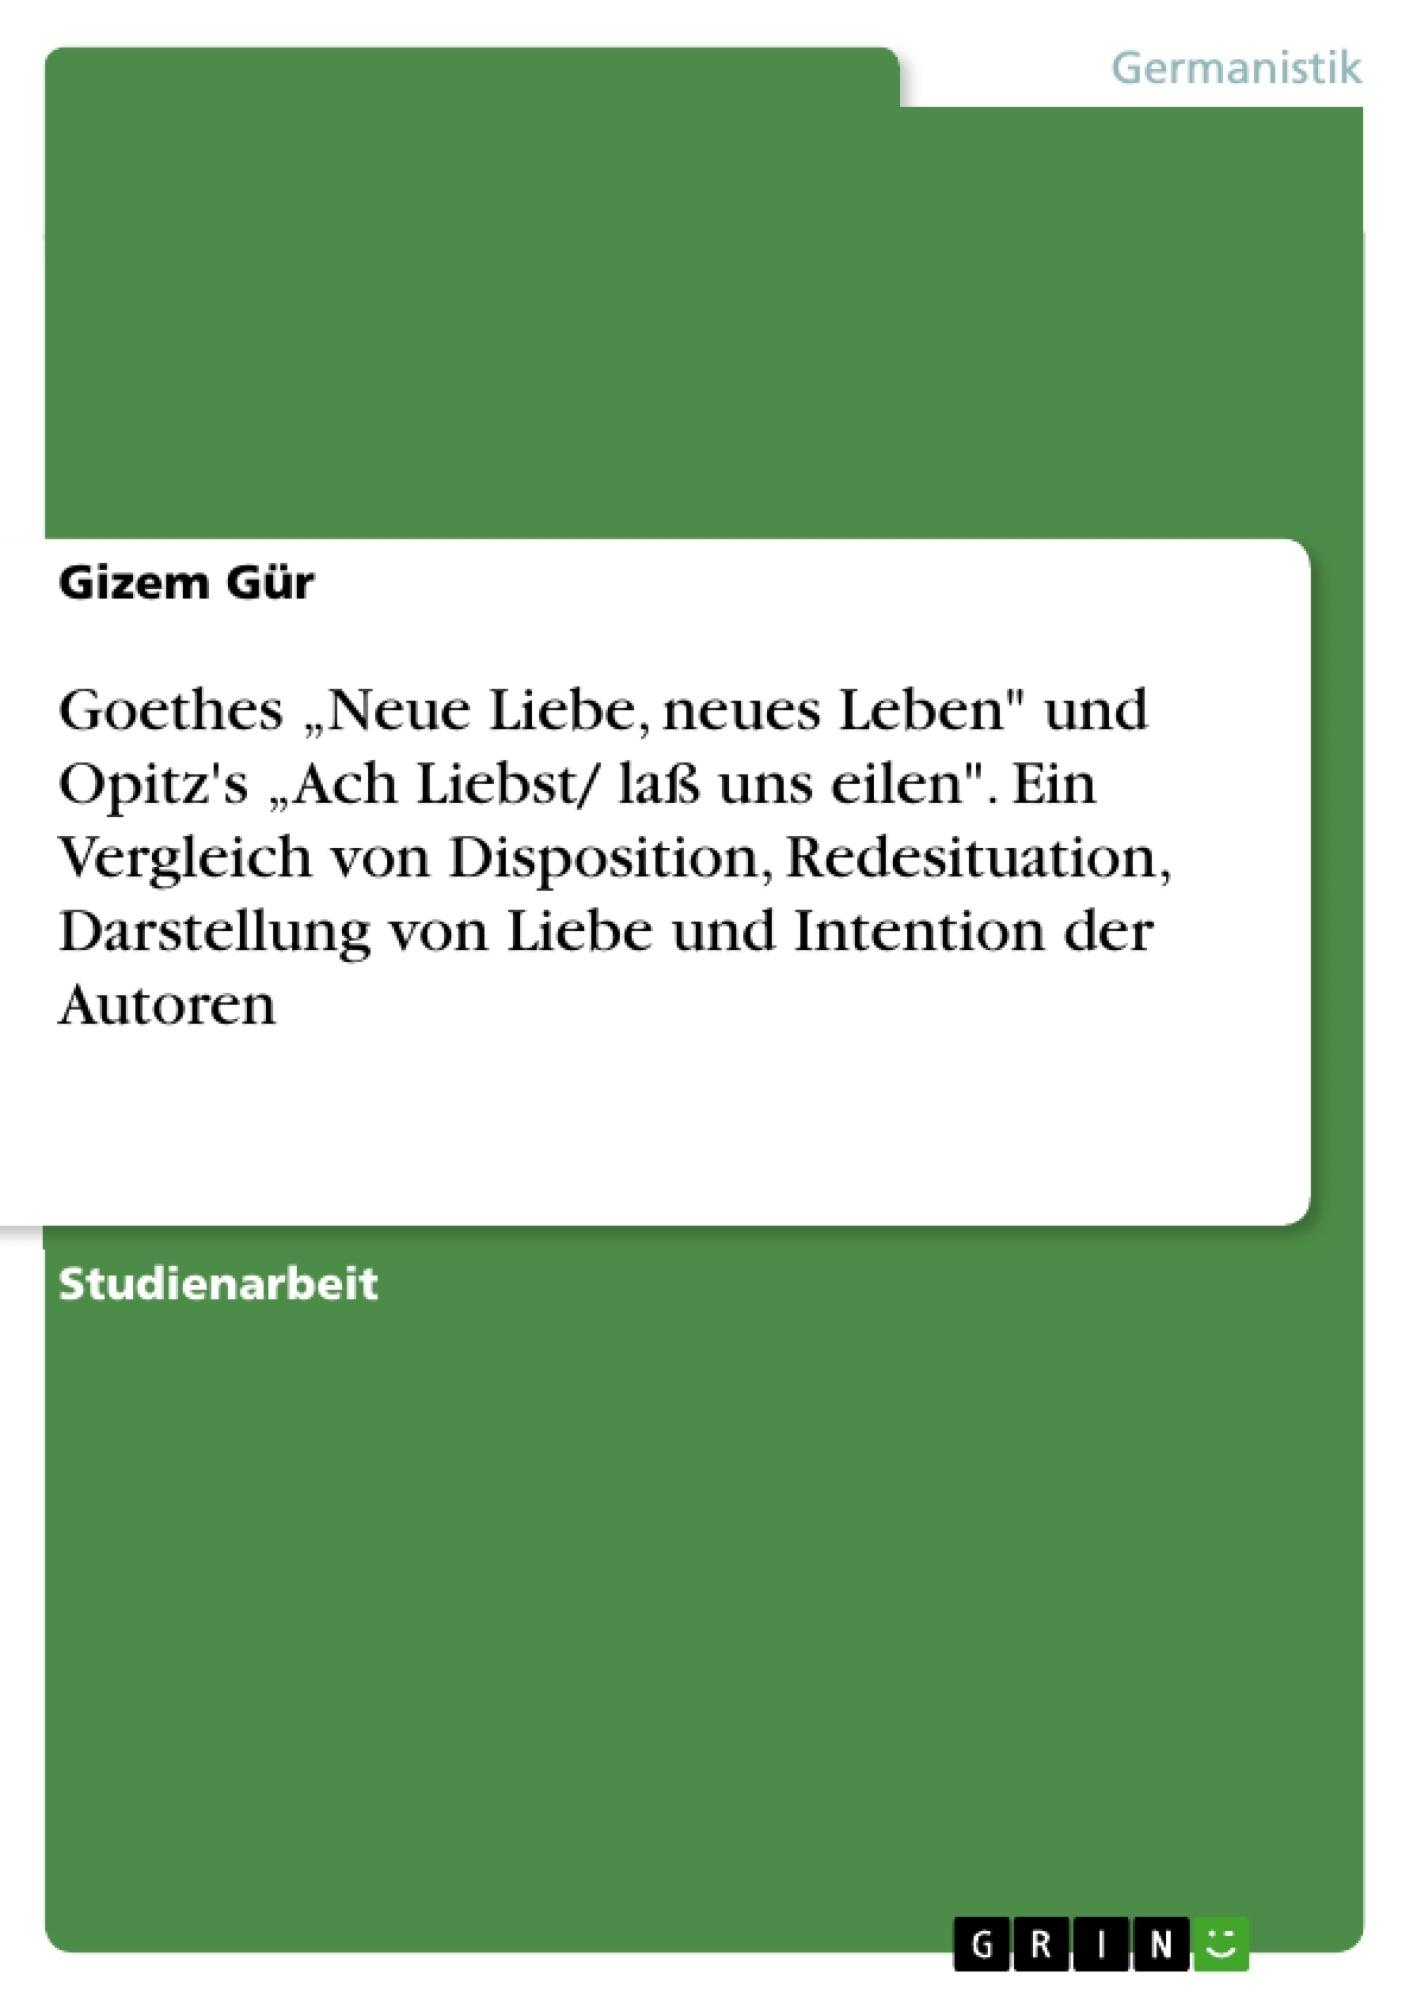 """Titel: Goethes """"Neue Liebe, neues Leben"""" und Opitz's """"Ach Liebst/ laß uns eilen"""". Ein Vergleich von Disposition, Redesituation, Darstellung von Liebe und Intention der Autoren"""